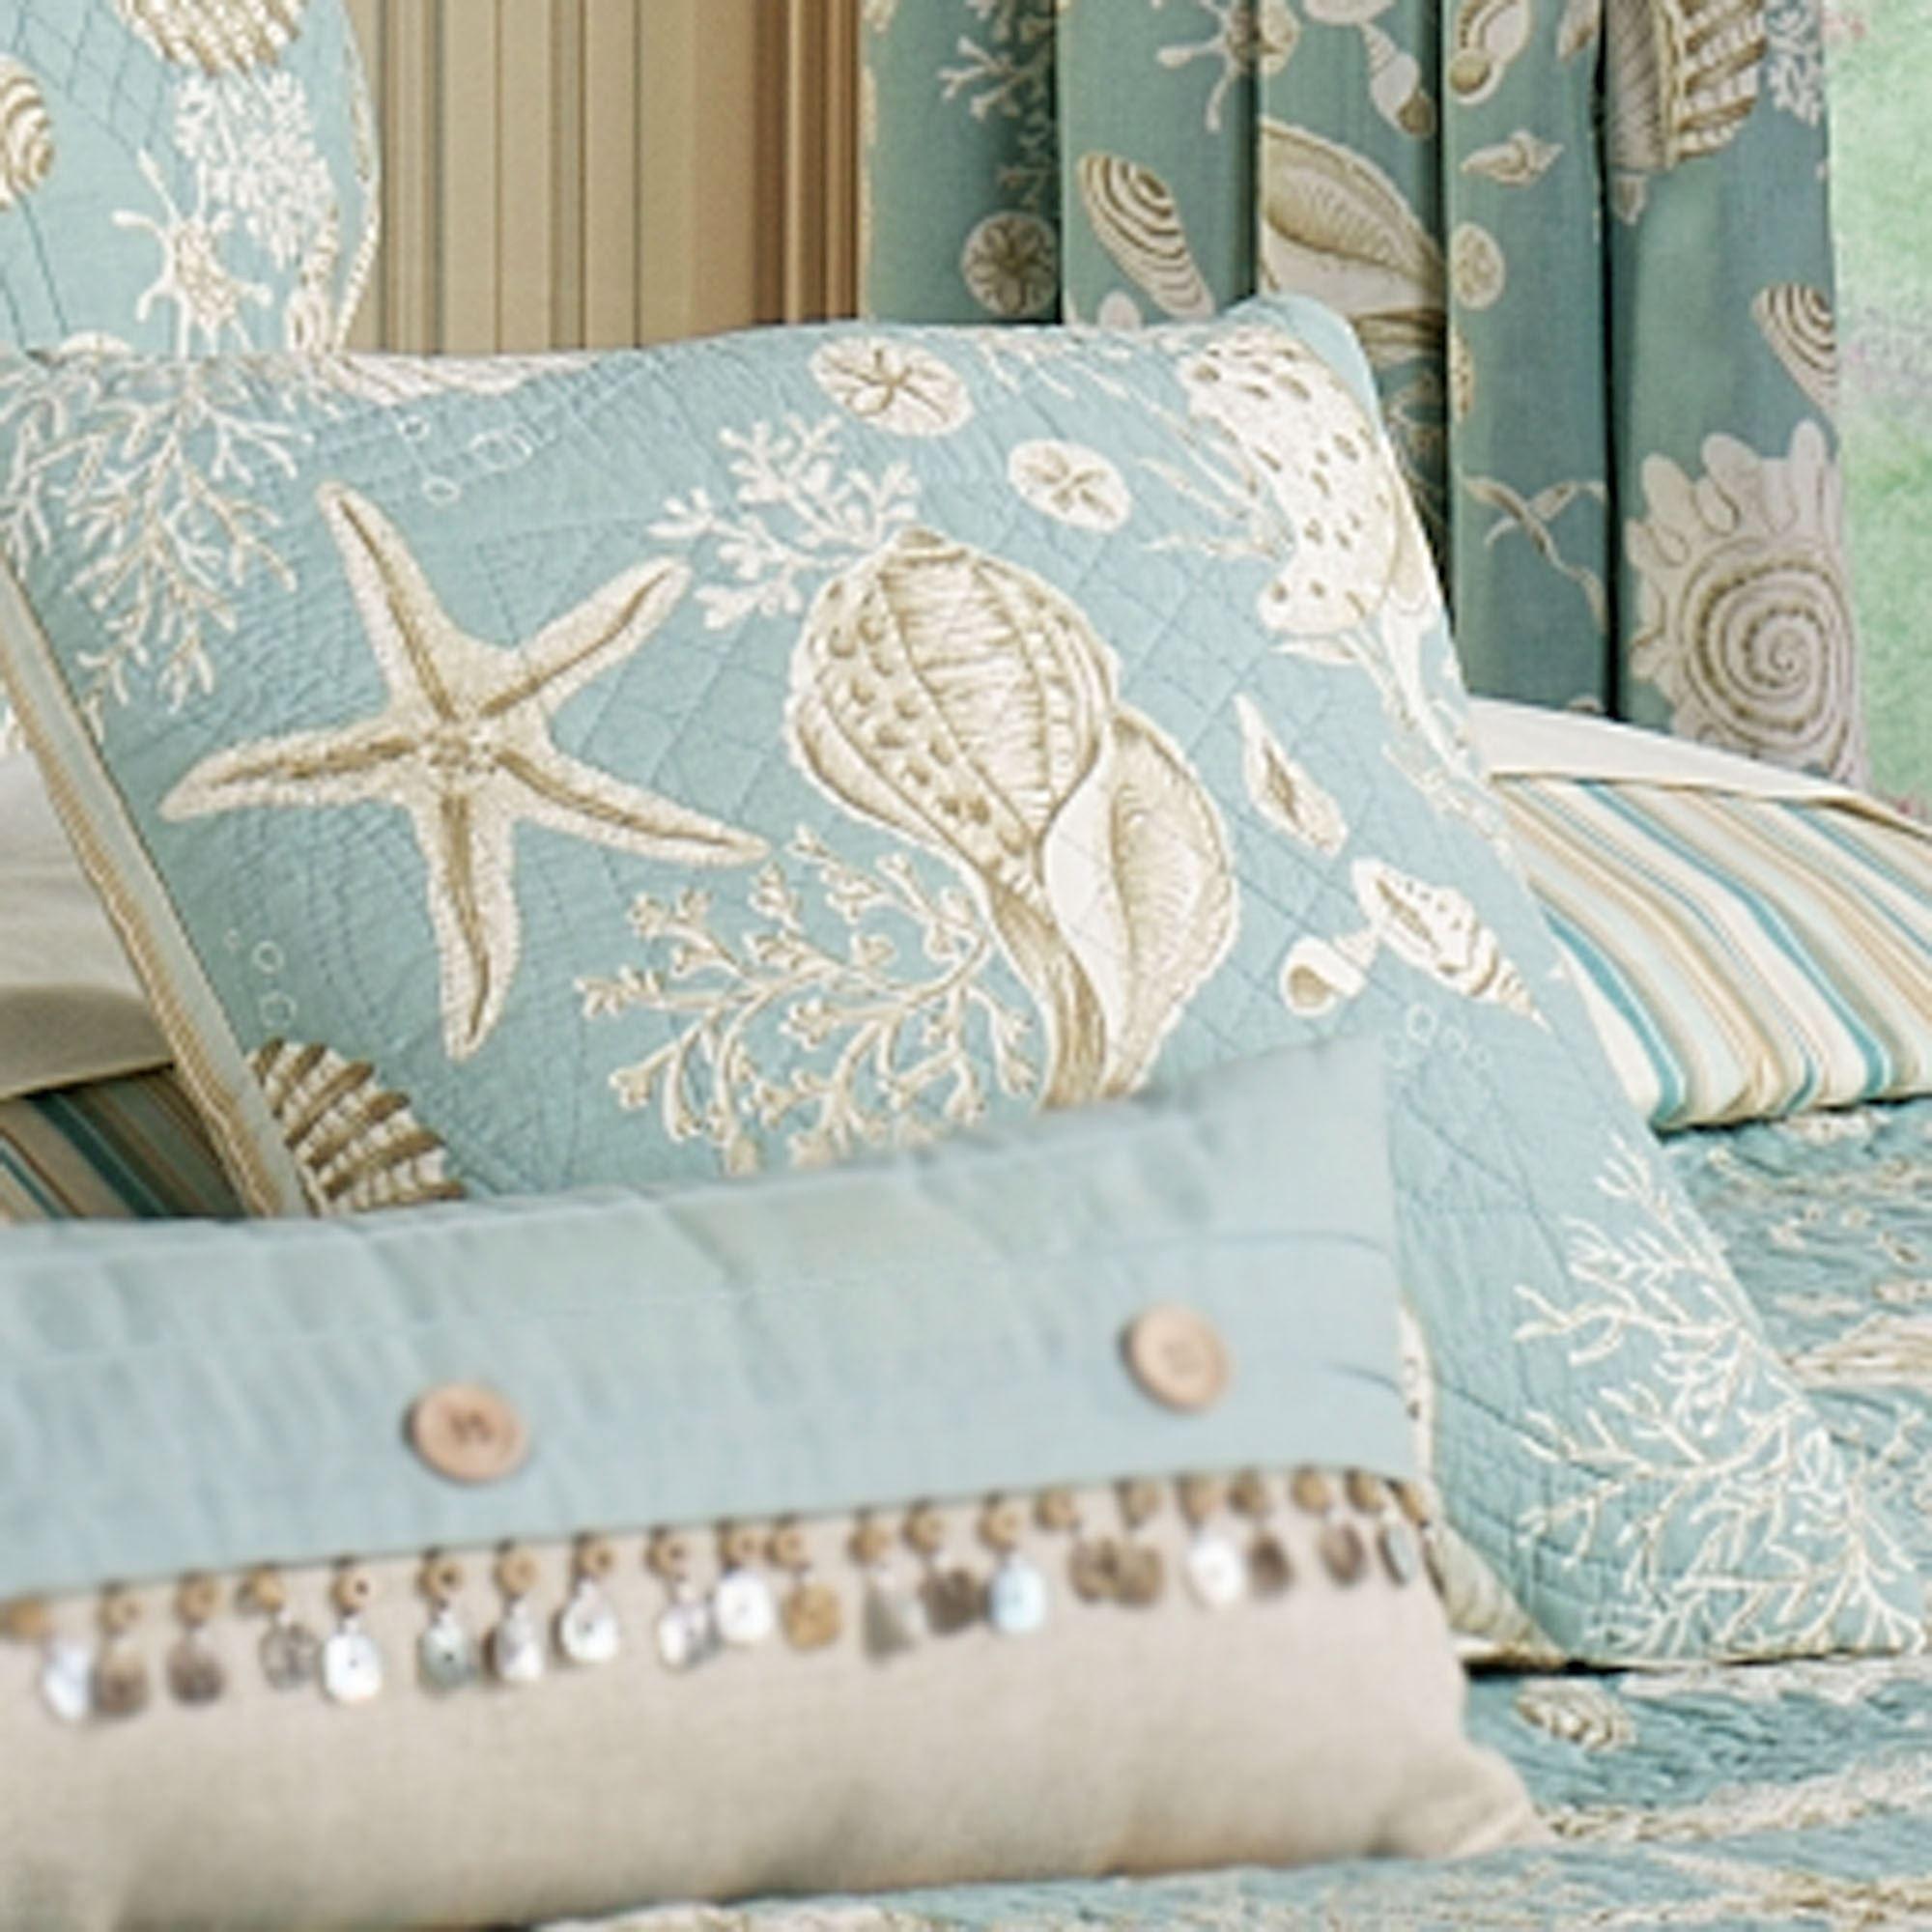 Natural Shells Coastal Quilt Bedding